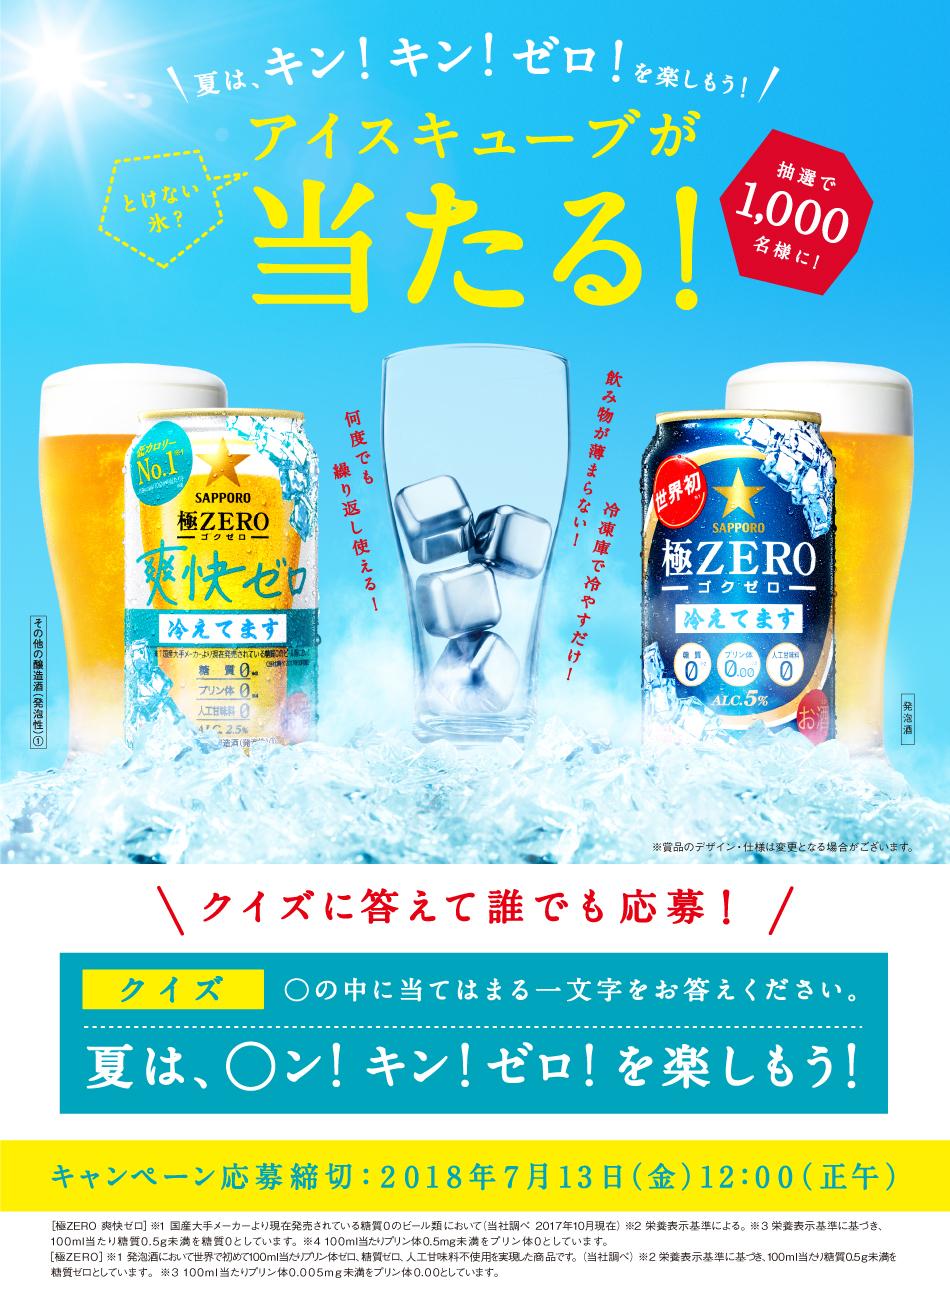 サッポロビールでキン!キン!ゼロを楽しめるステンレス製アイスキューブが抽選で1,000名に当たる。単なるオシャレアイテムか?~7/13 12時。